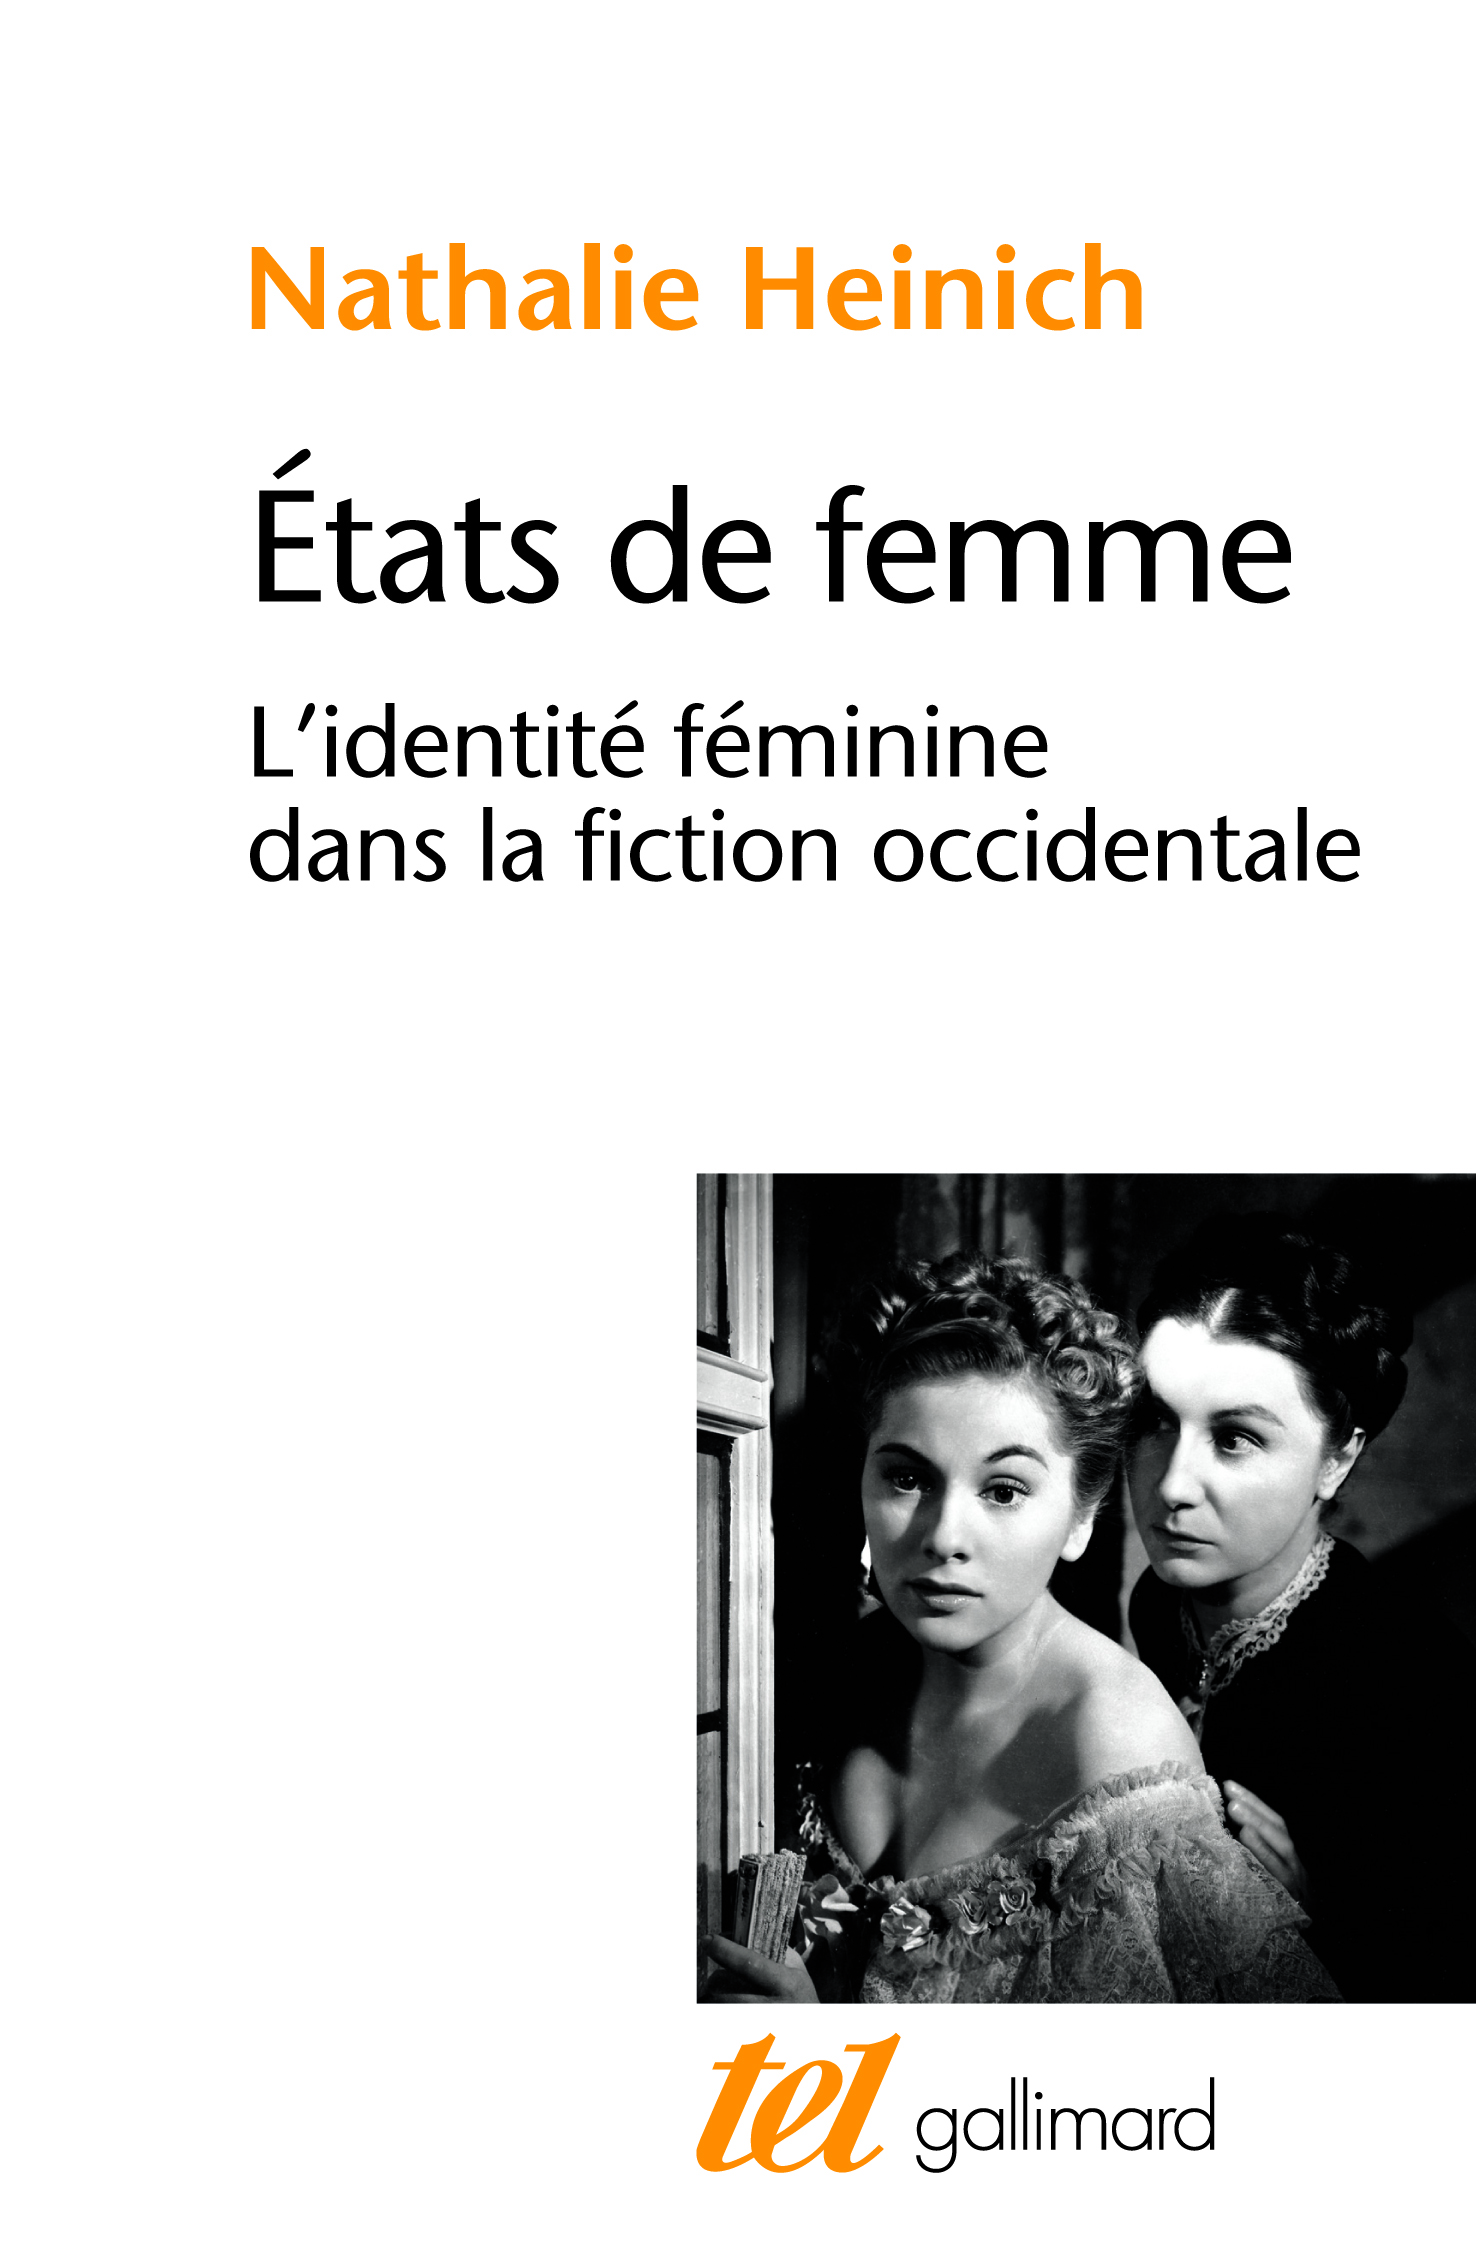 ETATS DE FEMME